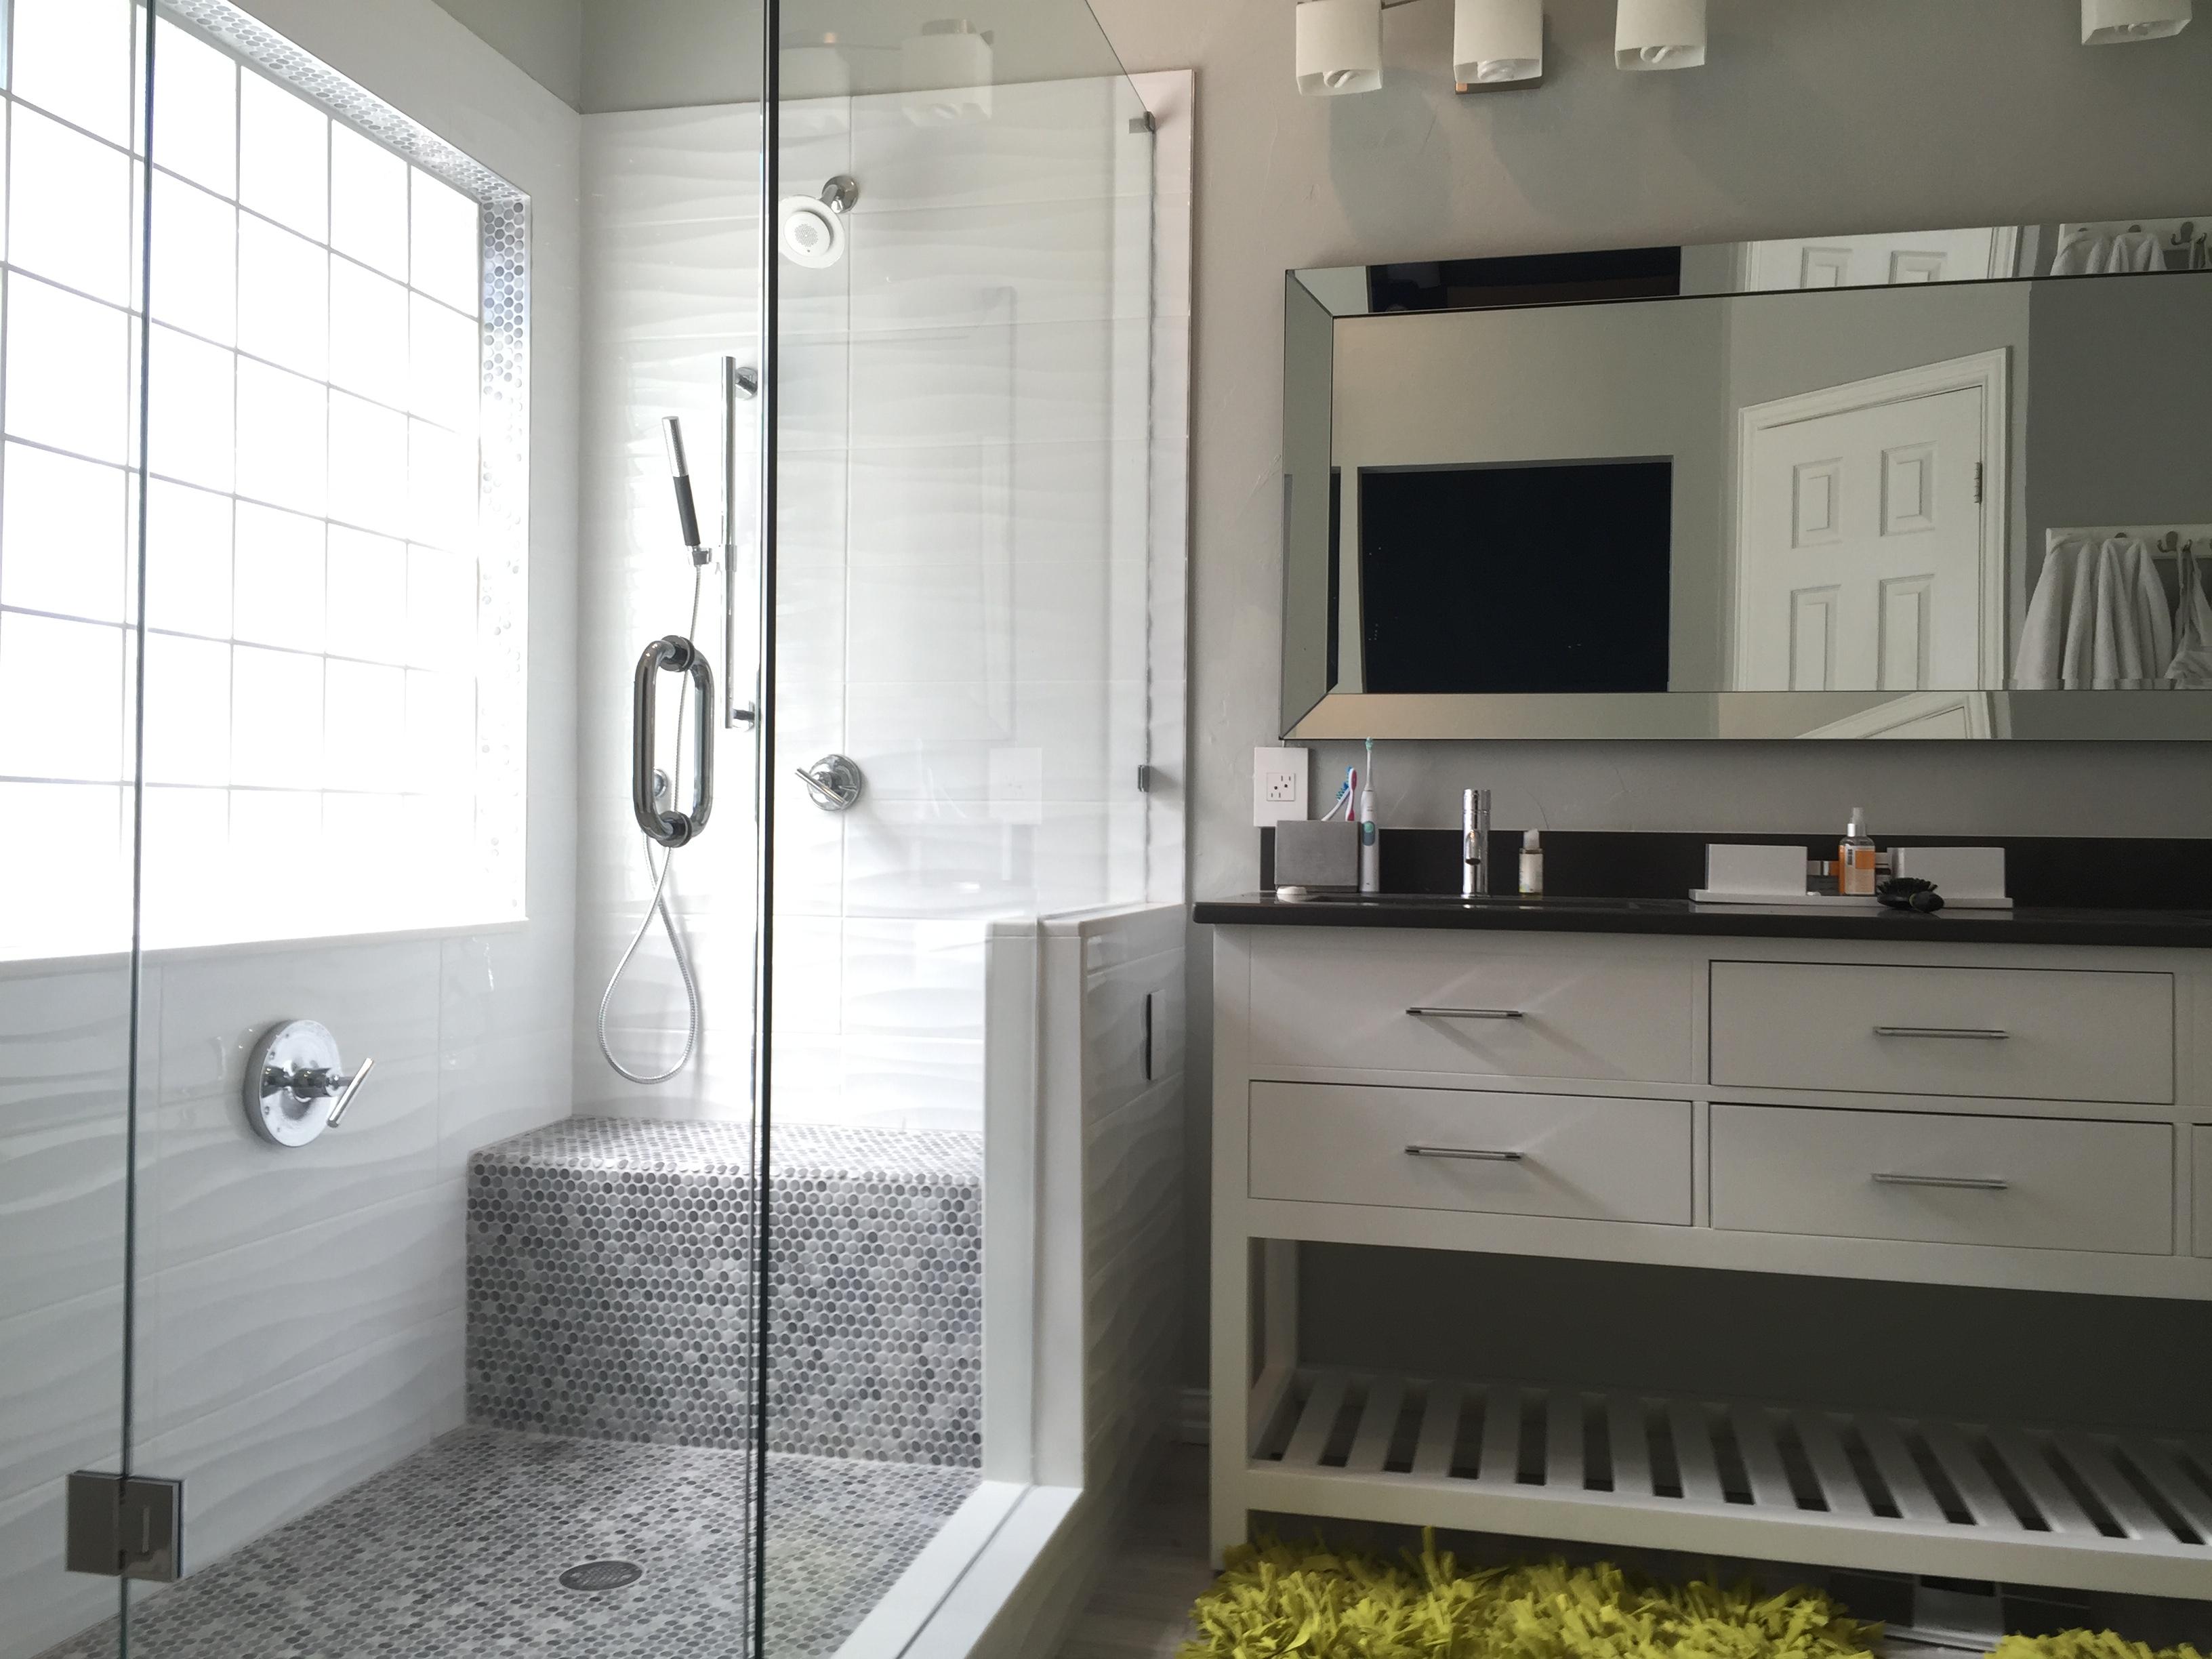 Frisco shower and bathroom